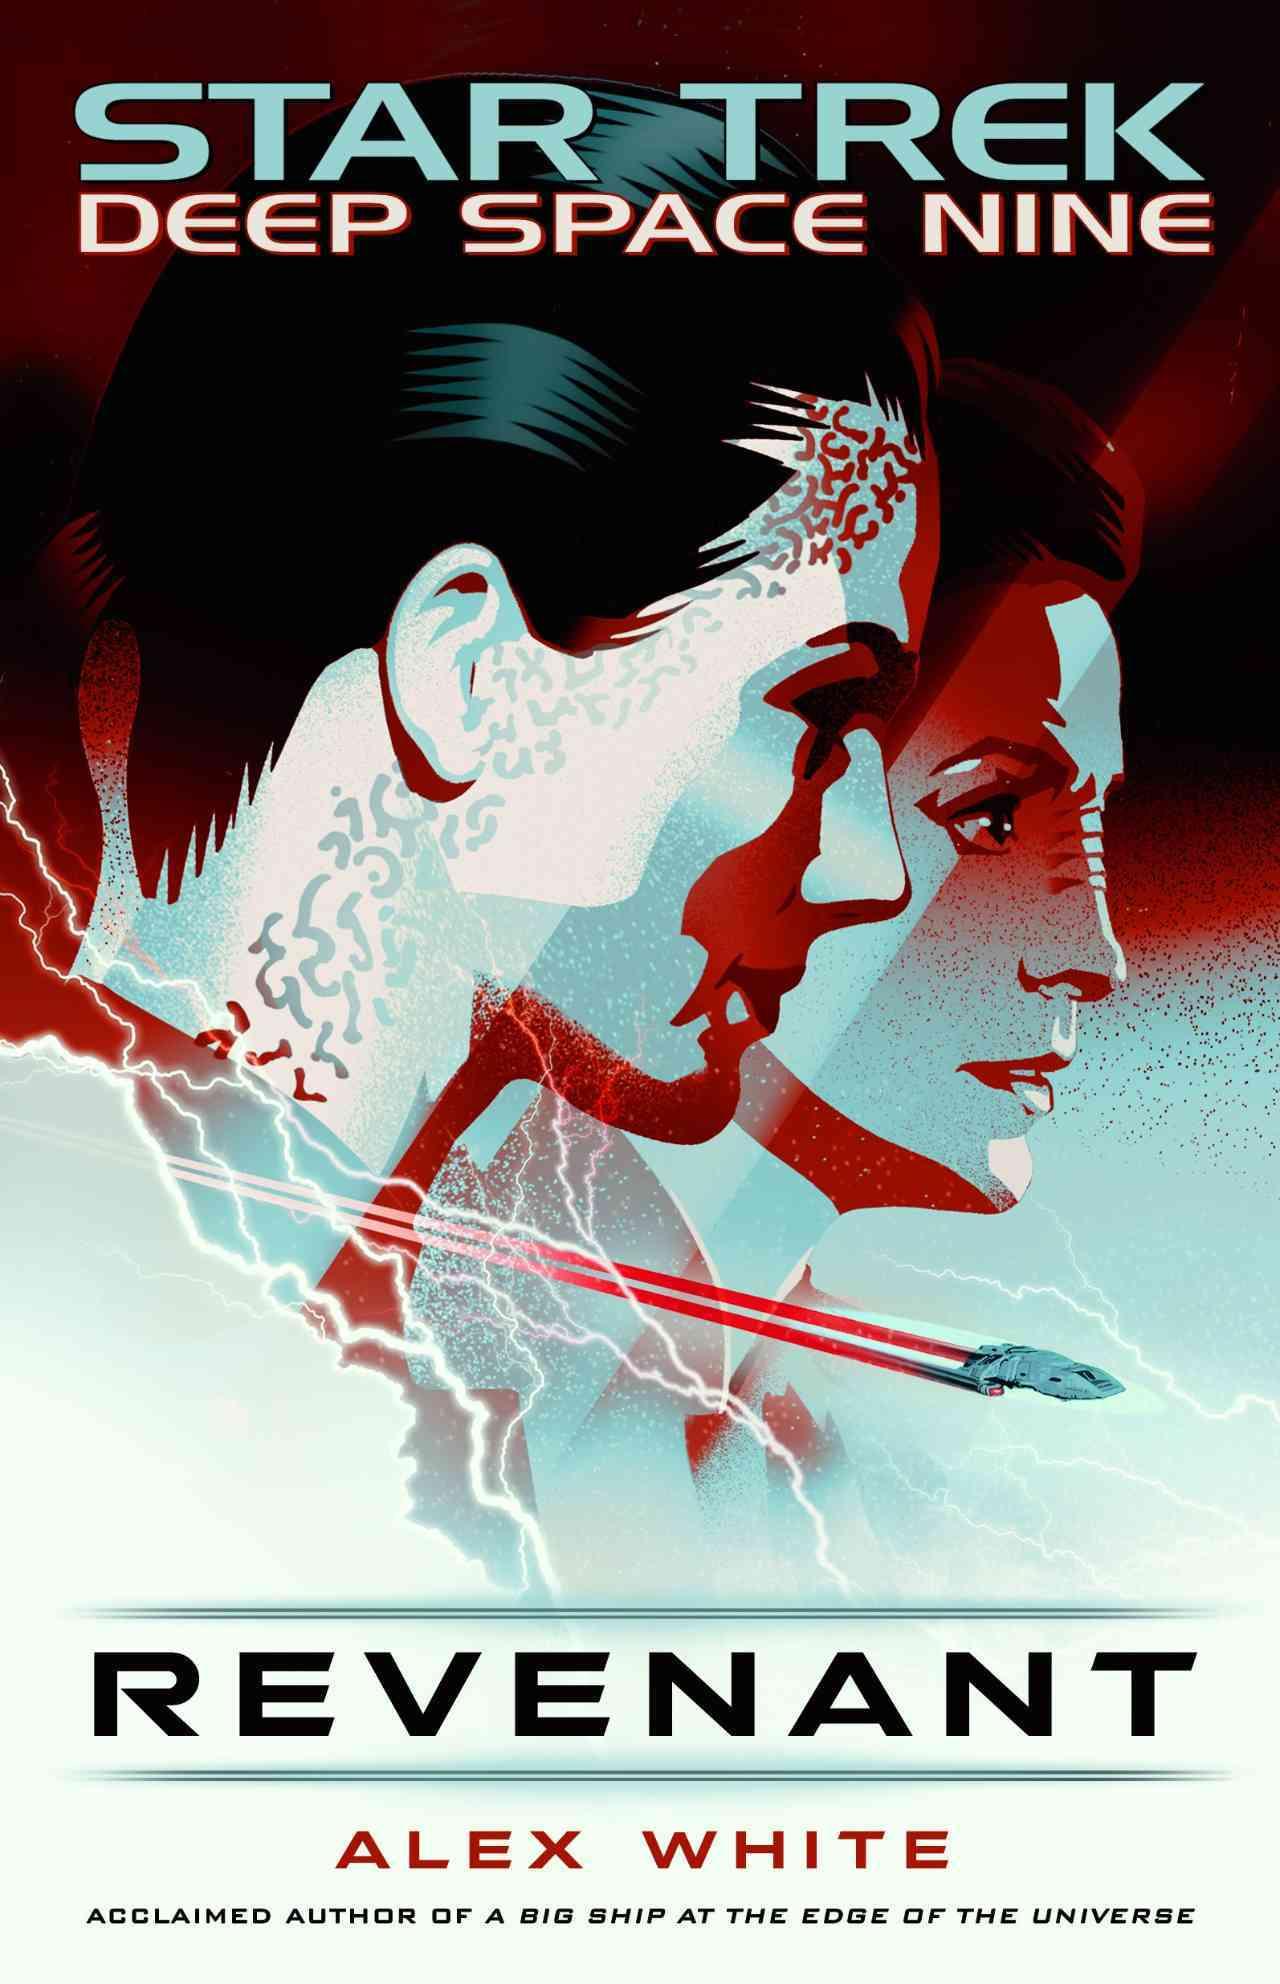 Star Trek Deep Space Nine Revenant Cover